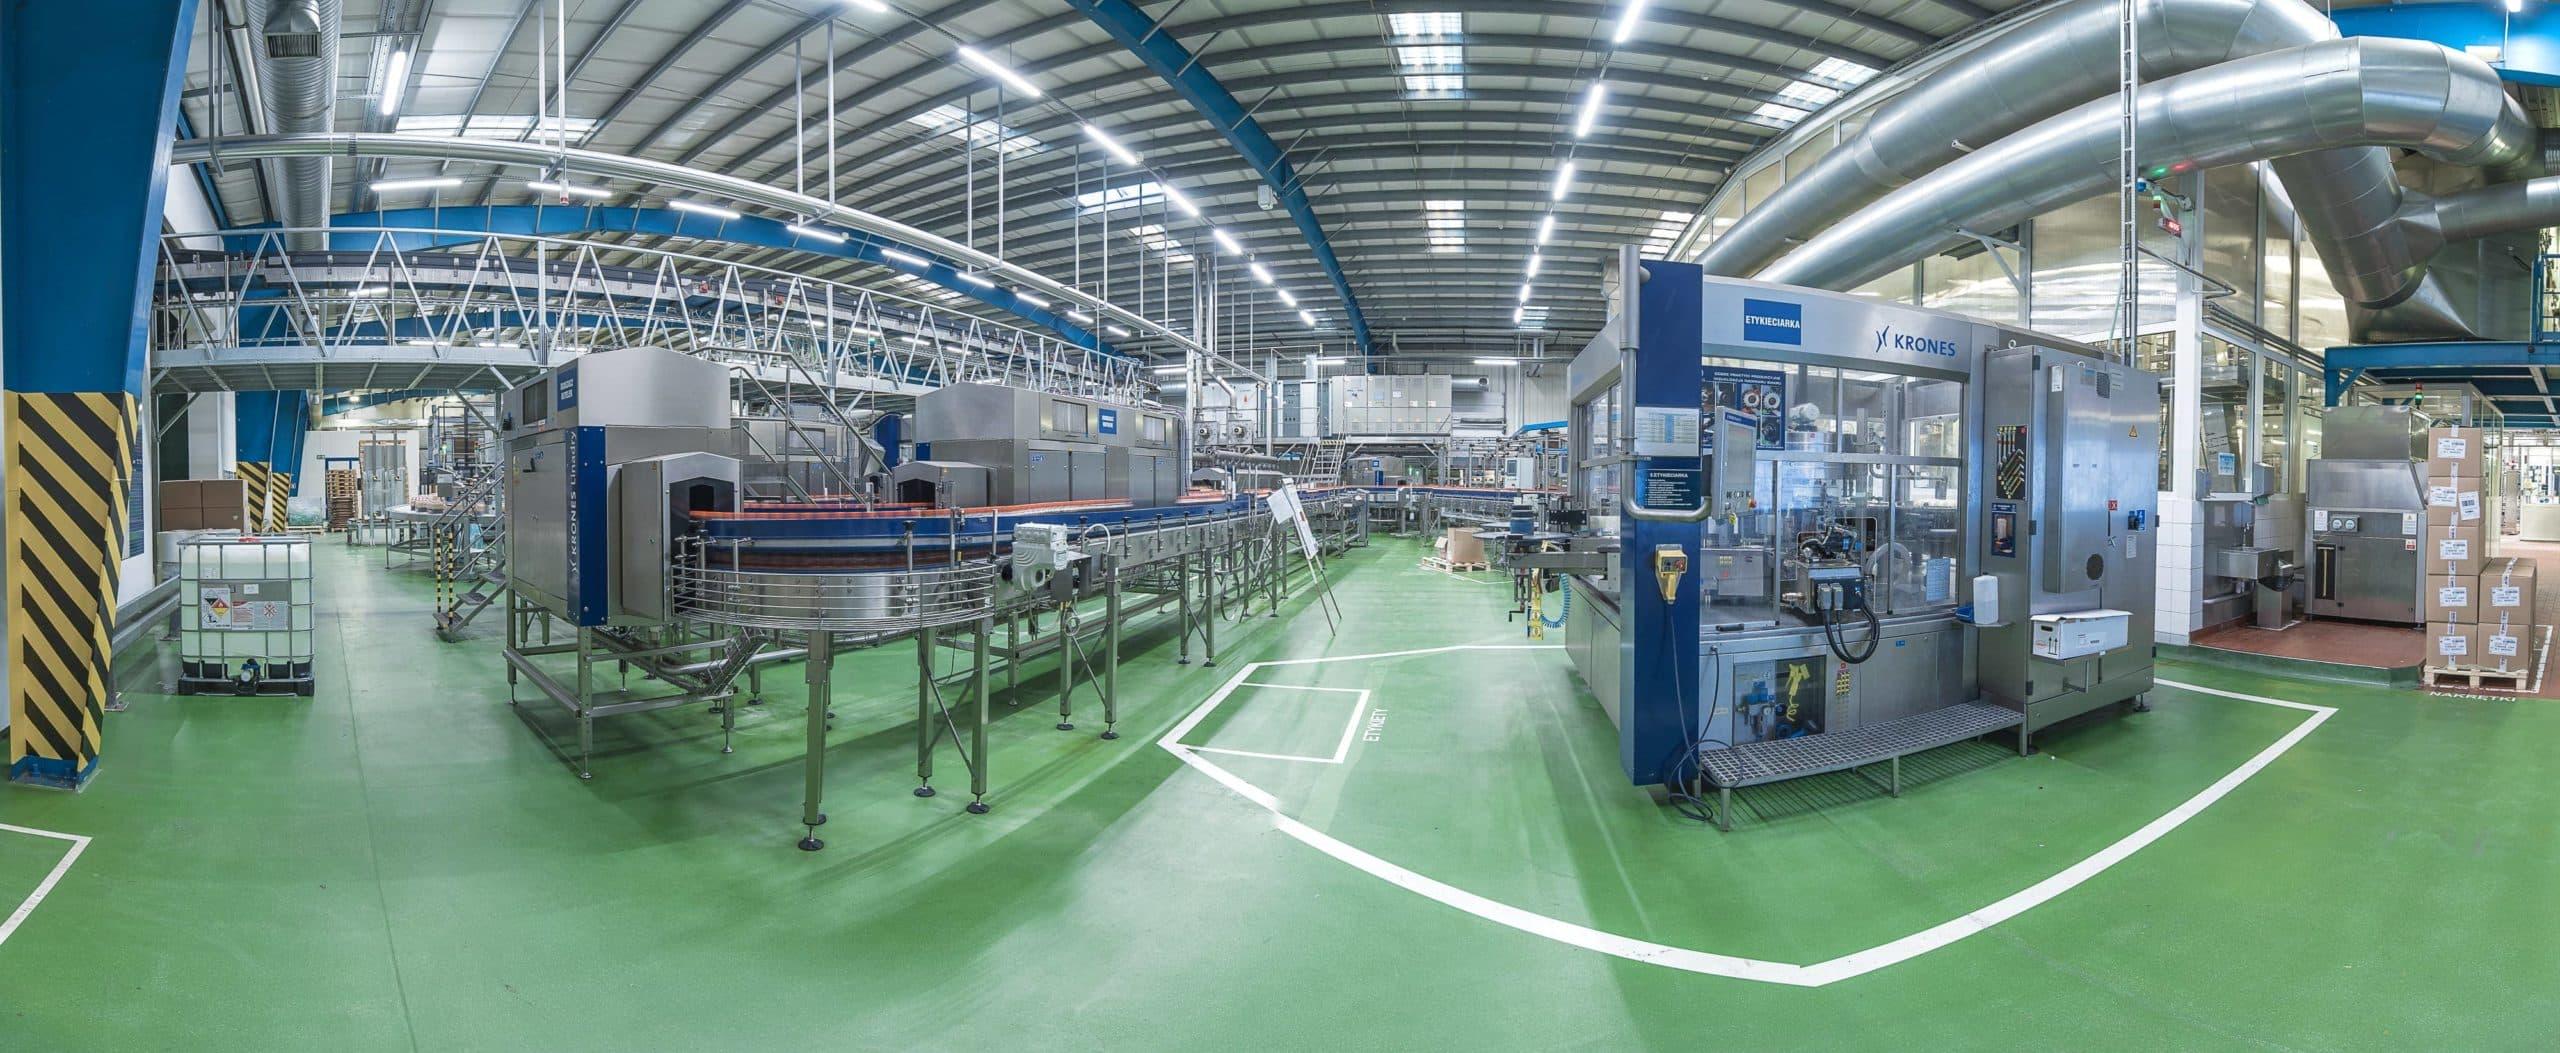 Oprawy przemysłowe Industrial w hali prosukcyjnej firmy PepsiCo - Luxon LED